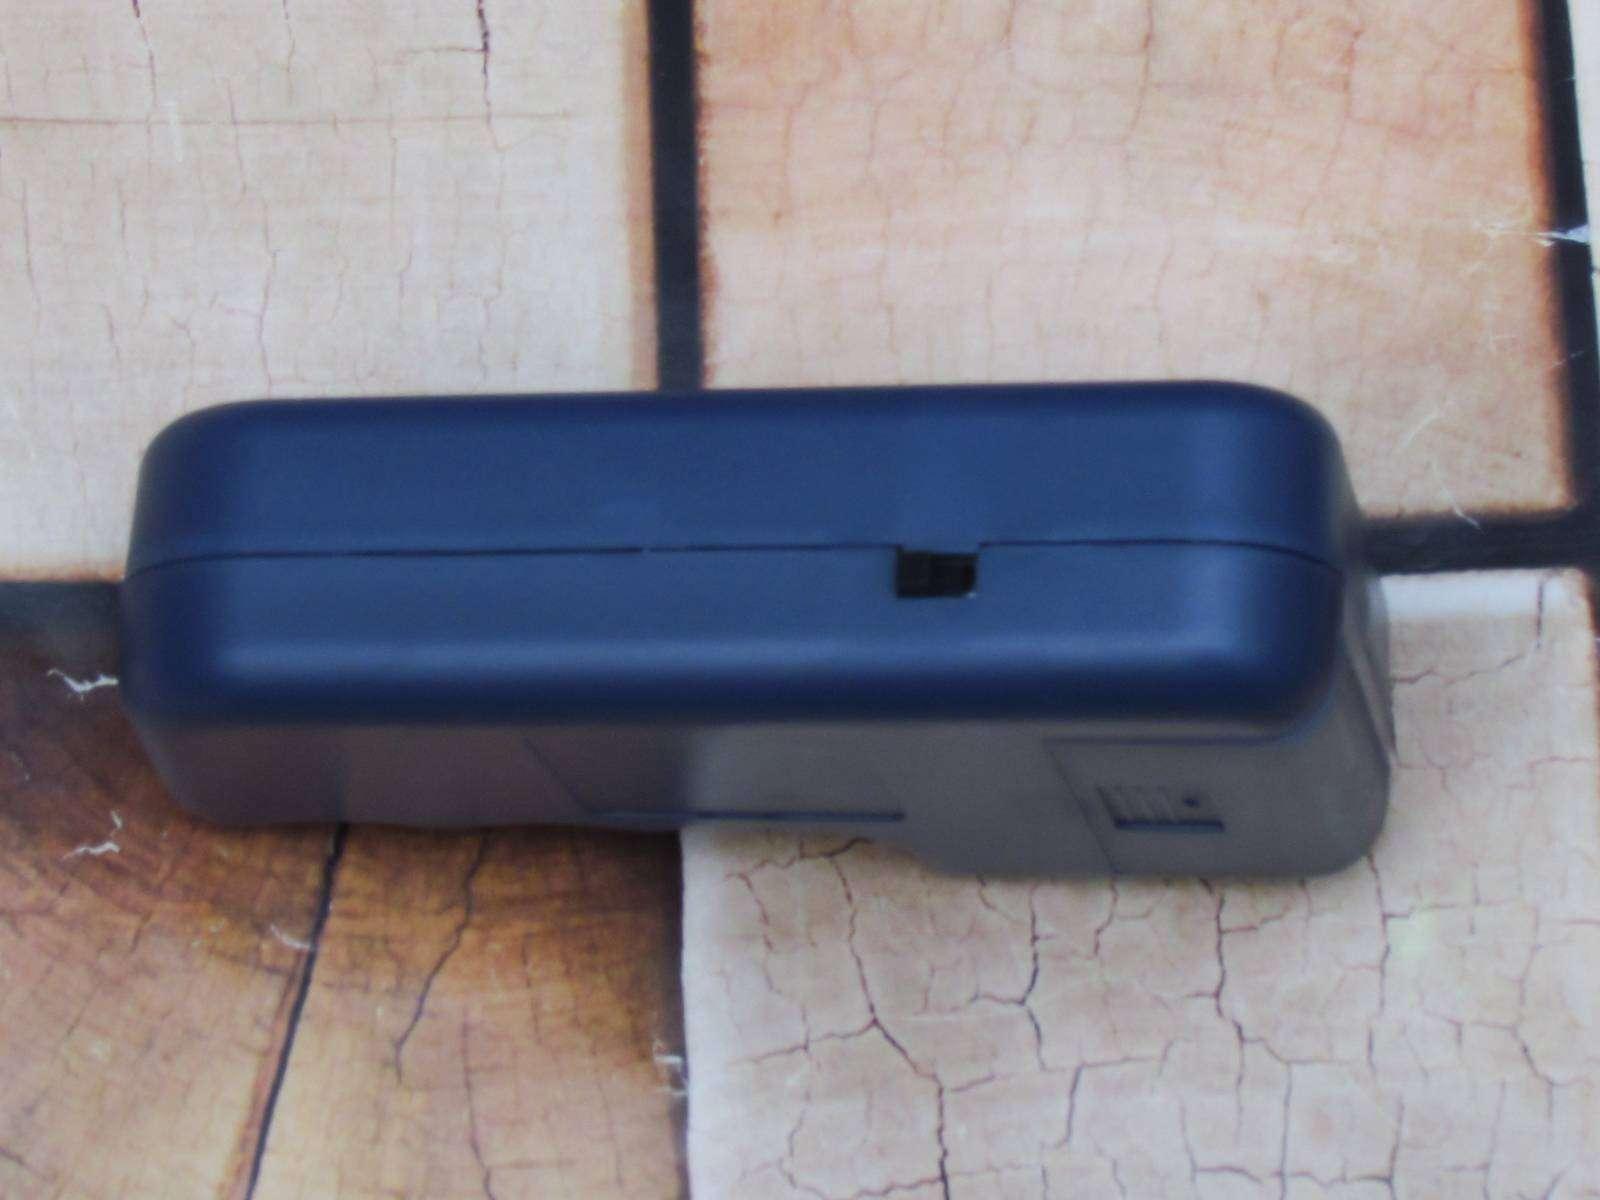 Banggood: Копирователь RFID 125KHz EM4100 ID карт и брелков